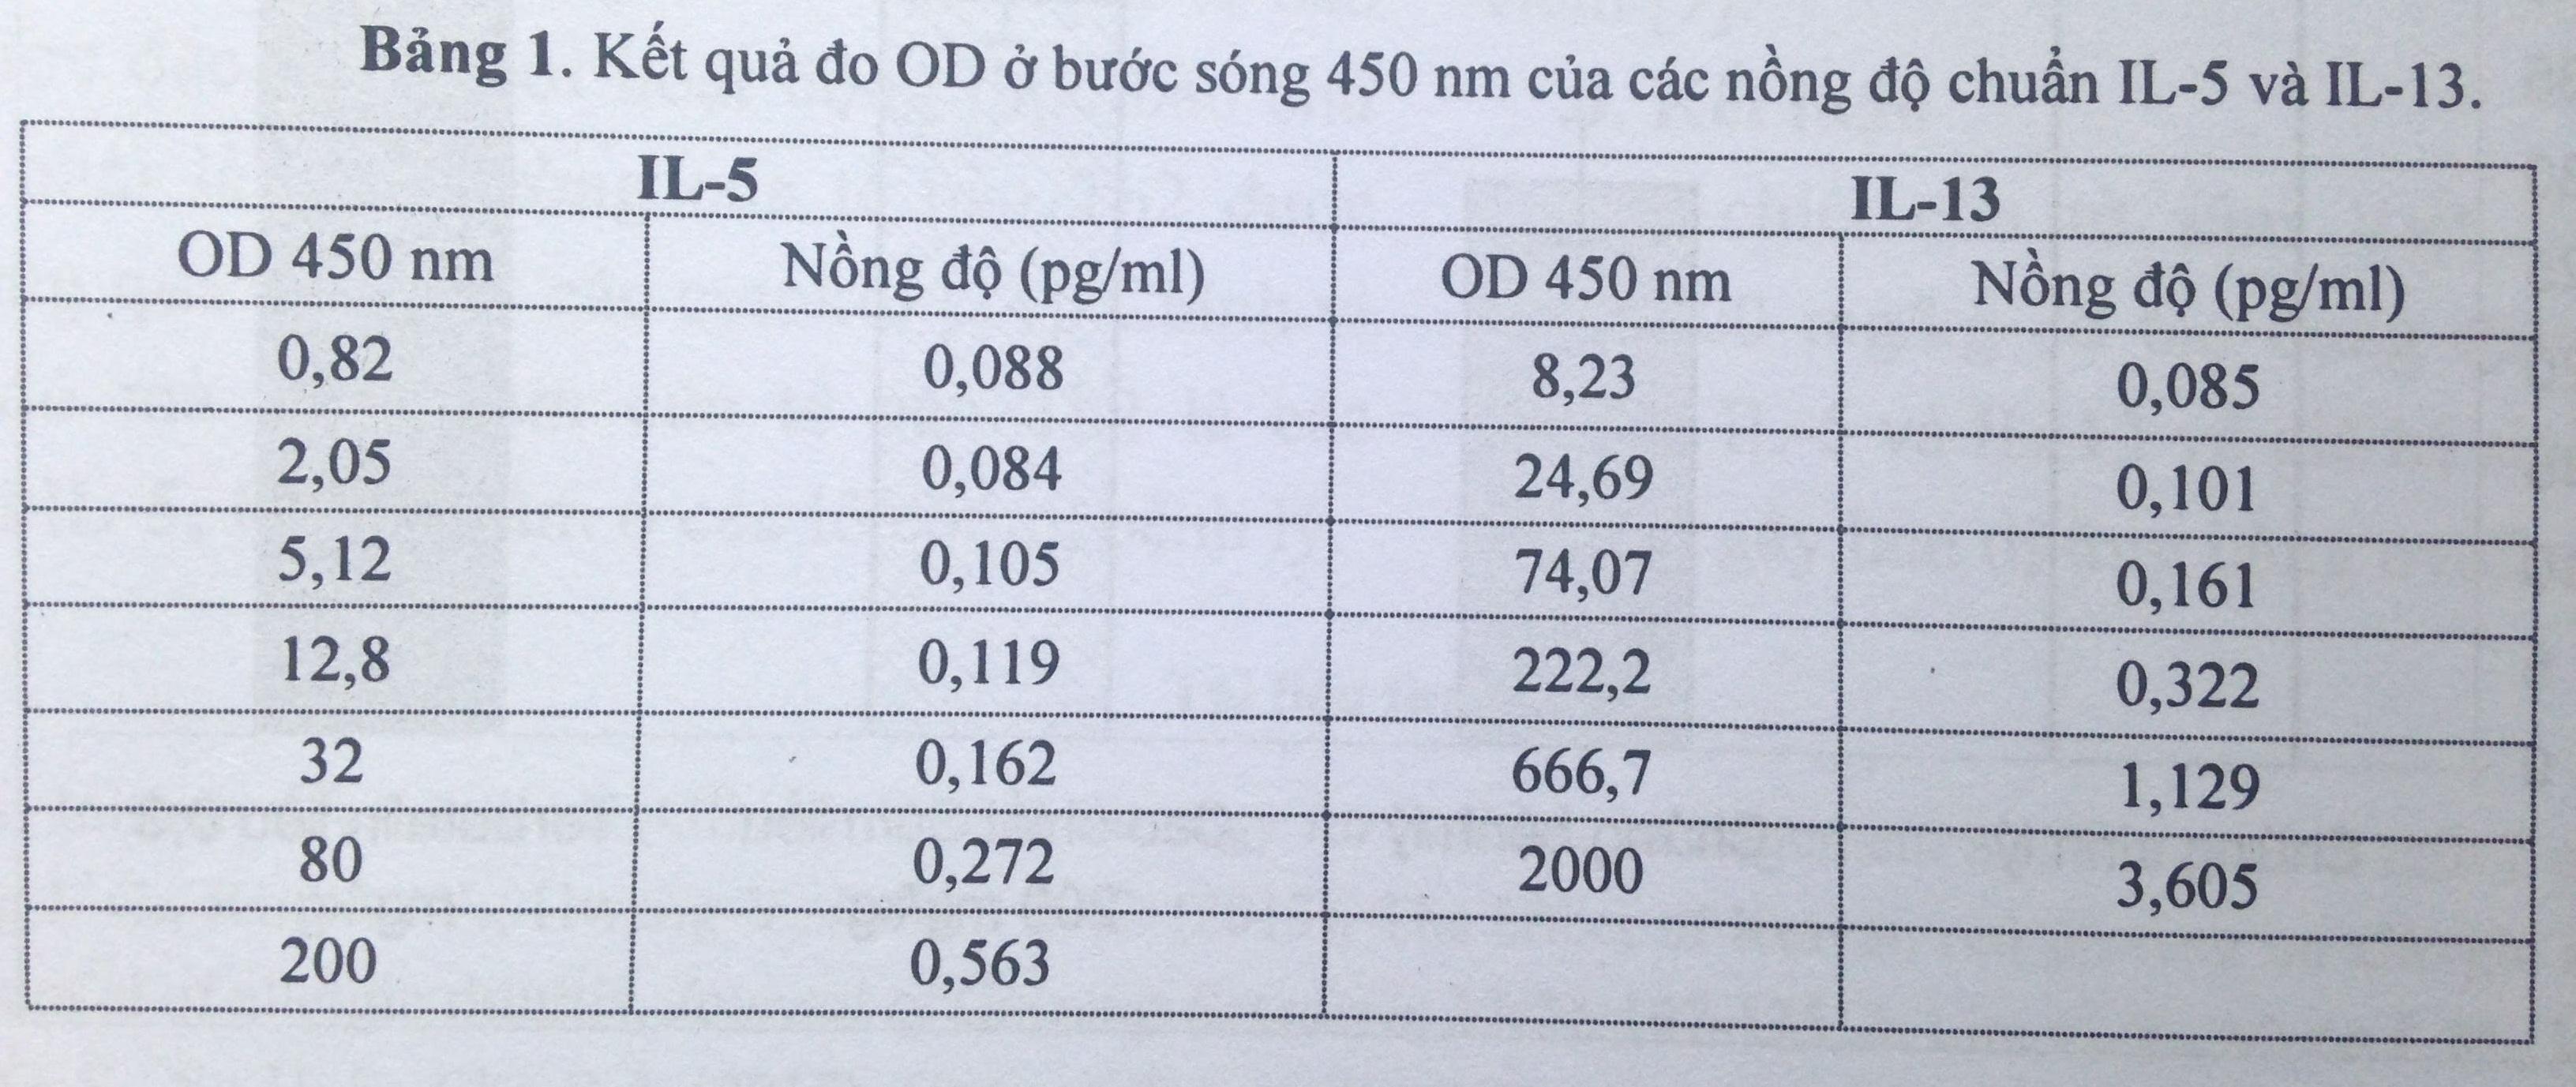 Tác dụng của Sâm Việt Nam trồng trên nồng độ Interleukin-5 và Interleukin-13 trong huyết tương chuột bị gây hen bằng Ovalbumin 2